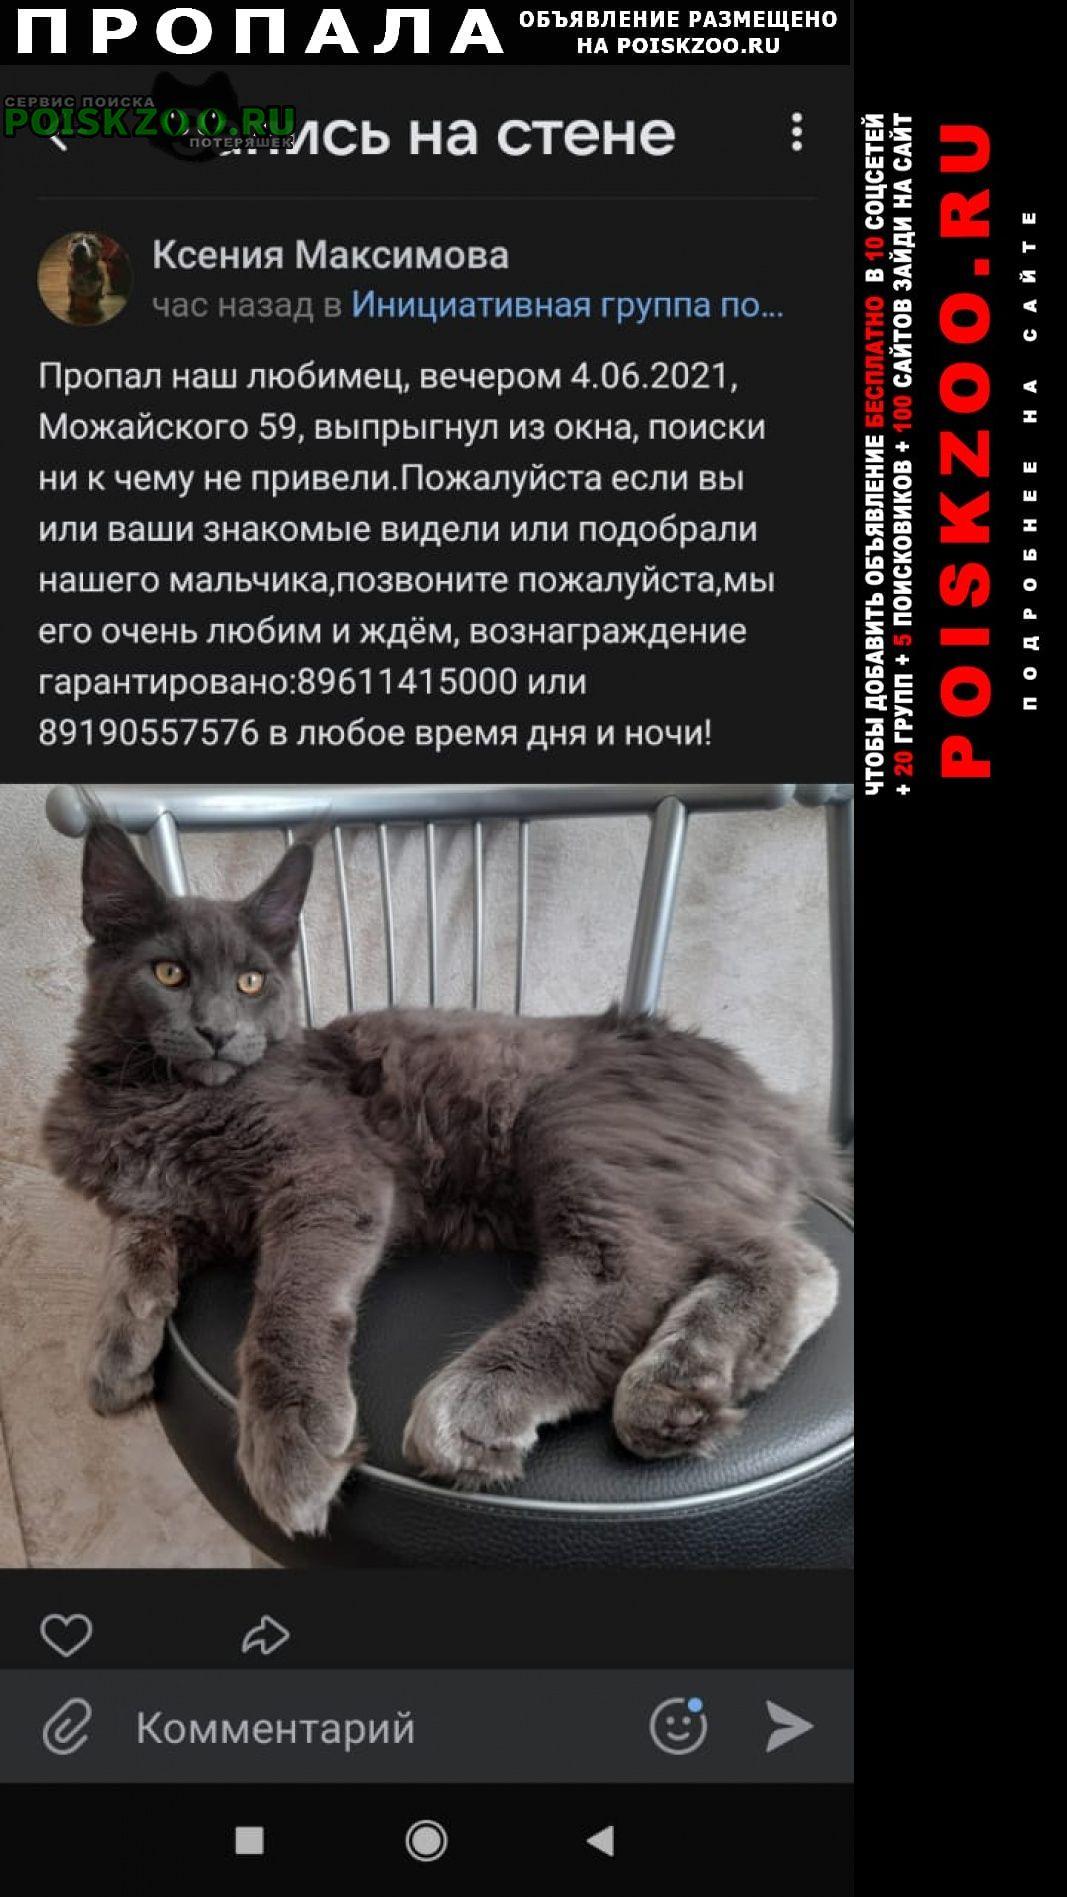 Пропал кот мейкун Тверь